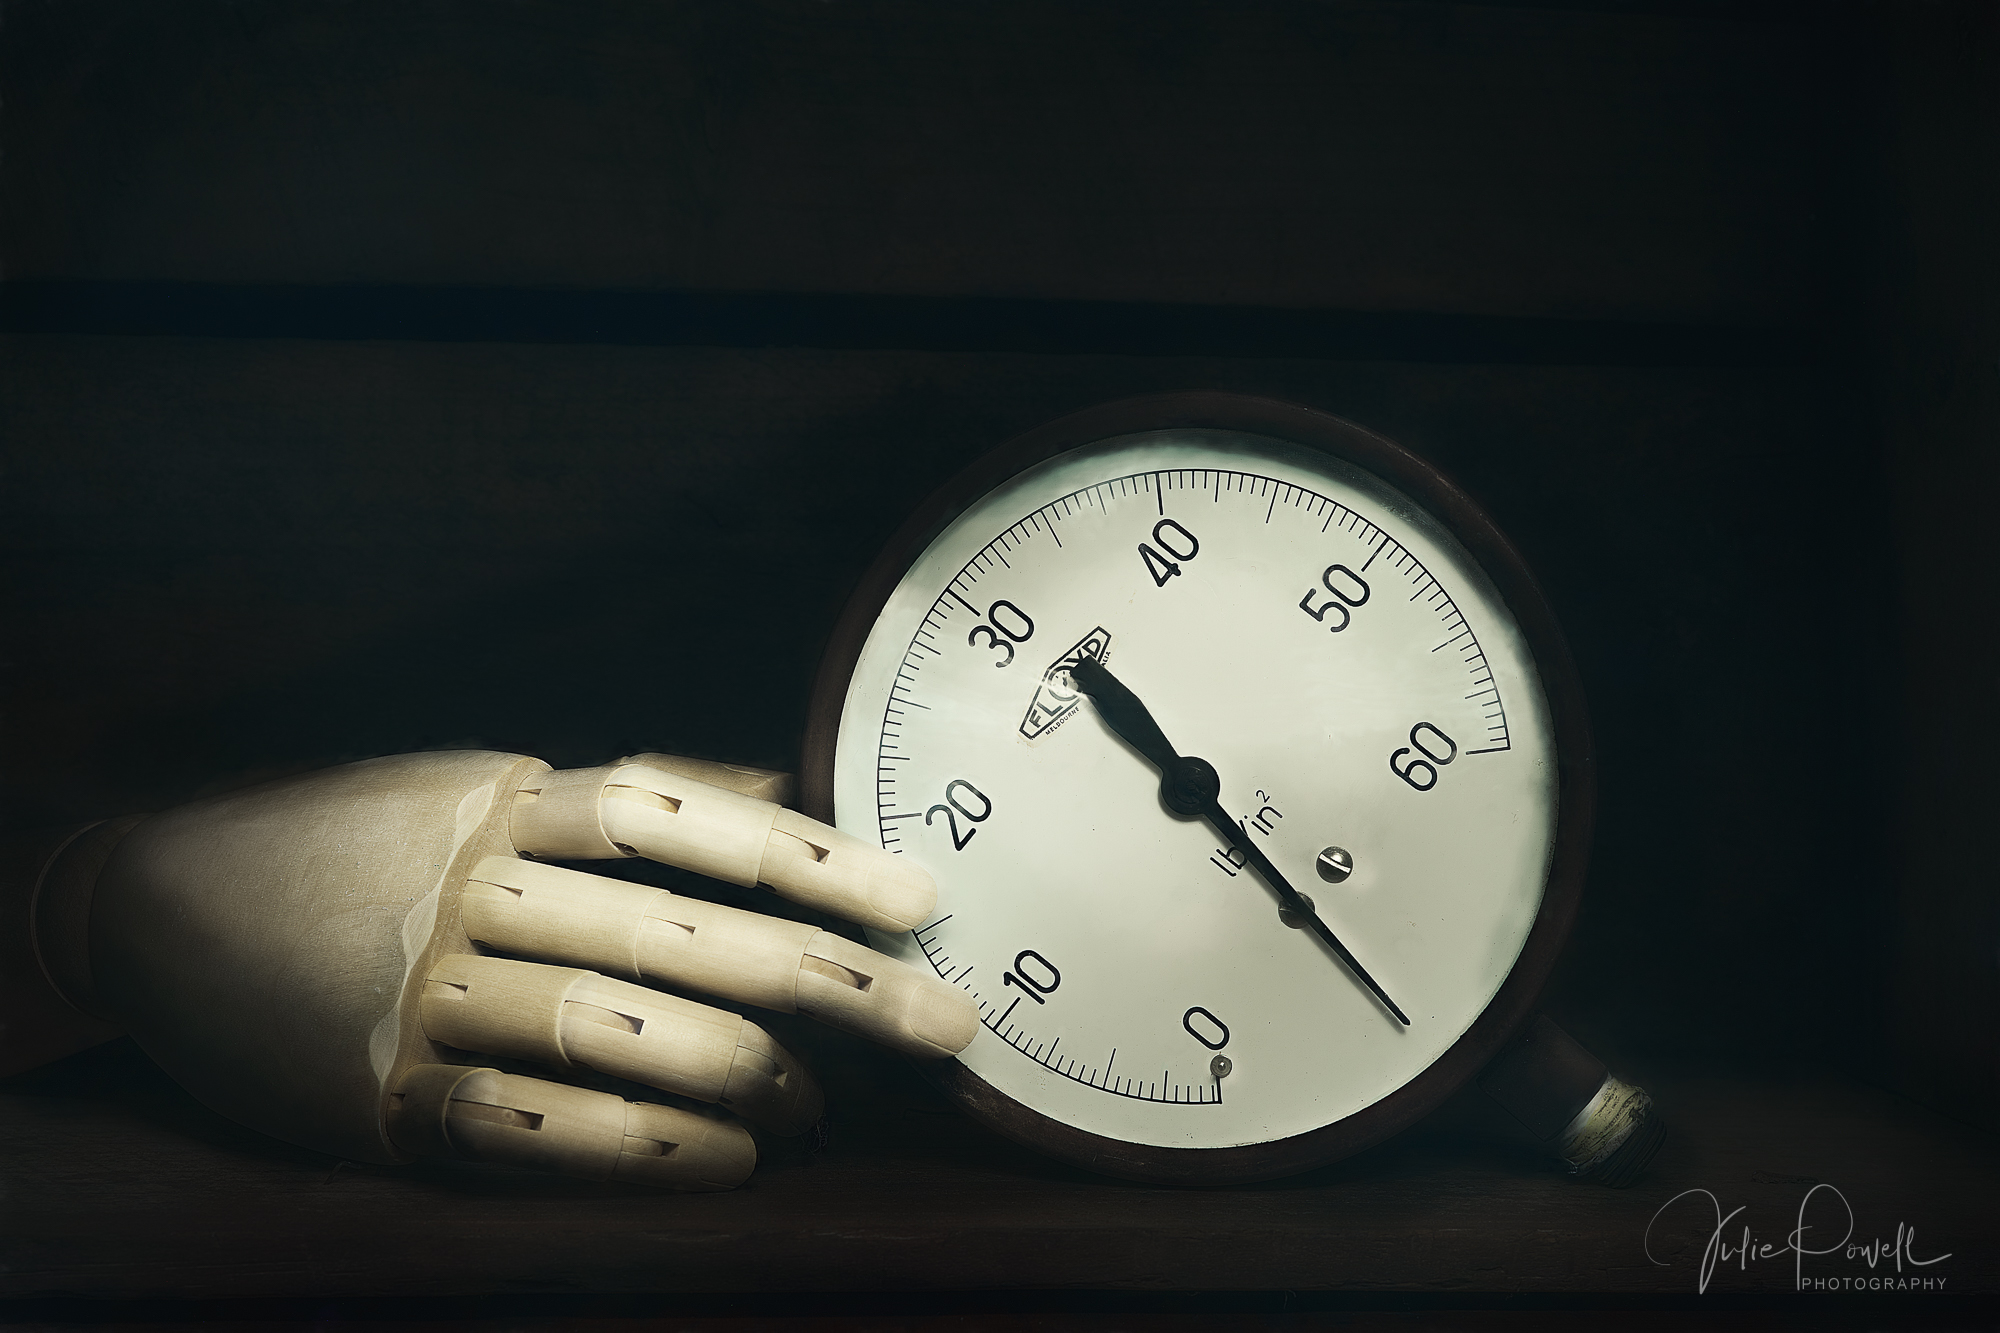 Julie Powell_Under Pressure.jpg